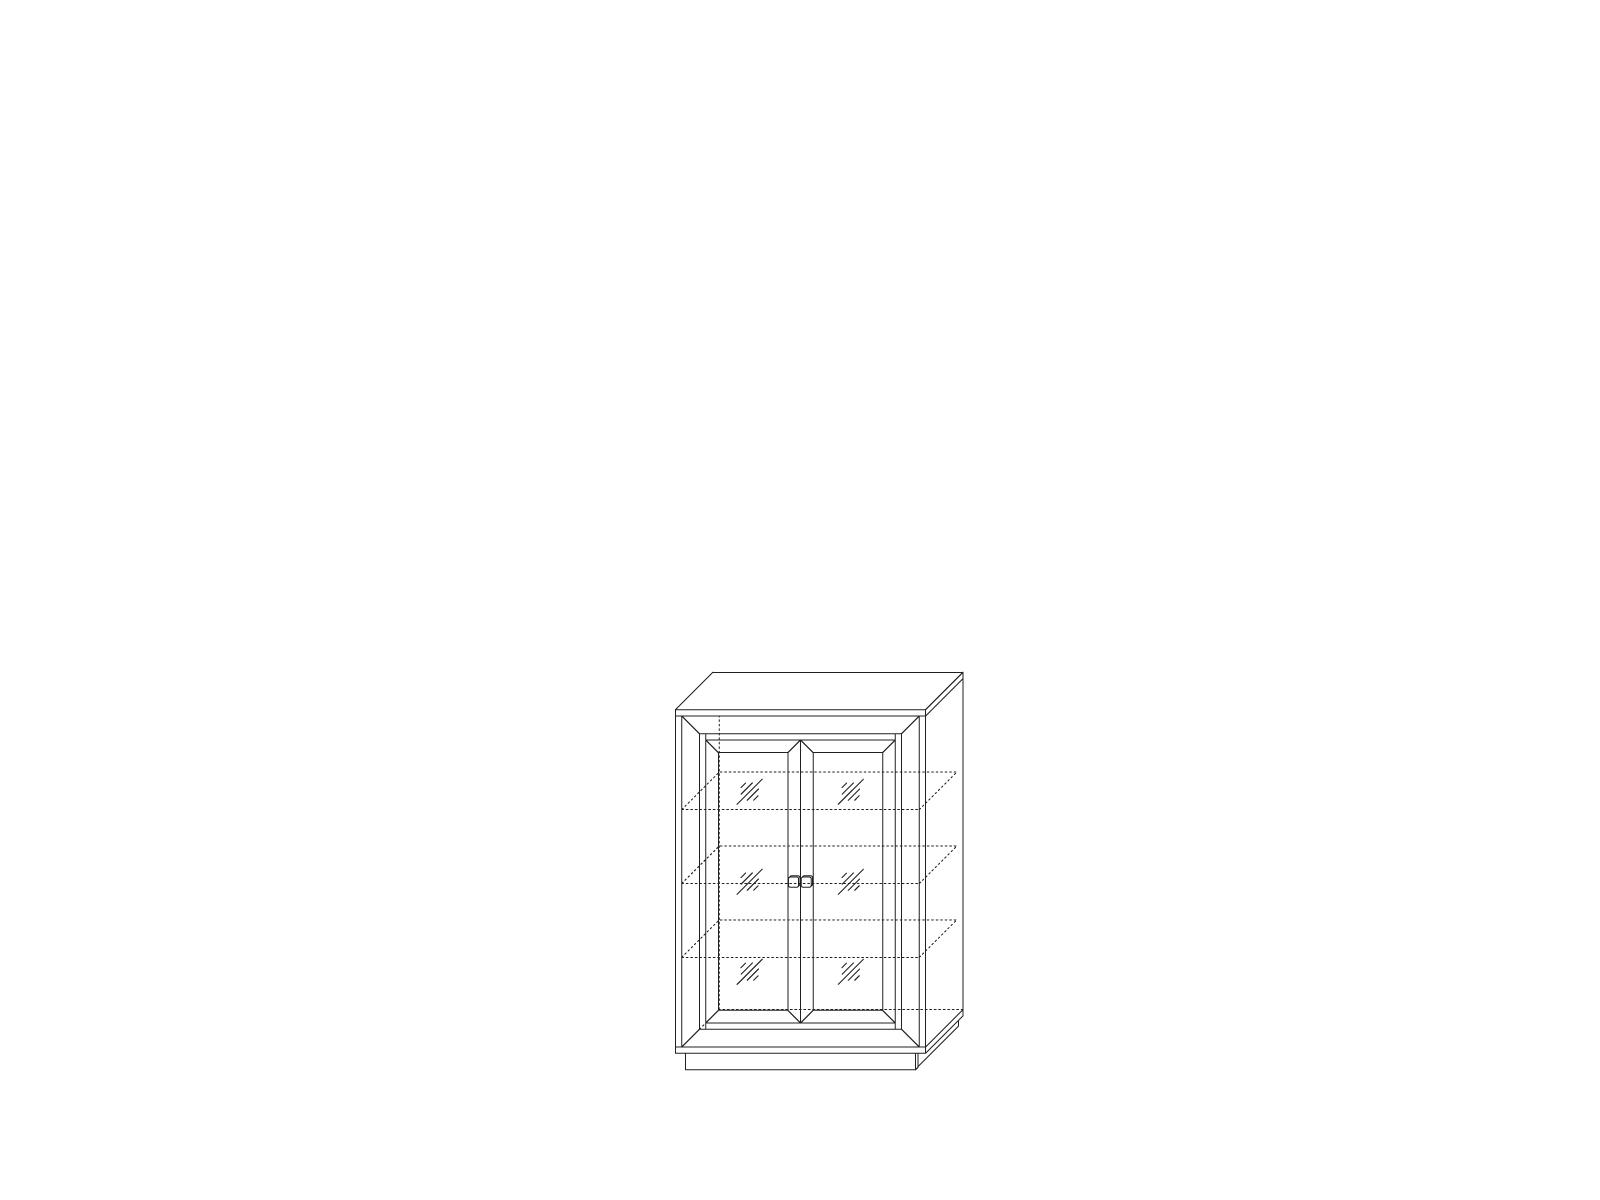 Шкаф 2-х дверный (2 стеклодвери) 998 низкий «Прато» Кураж